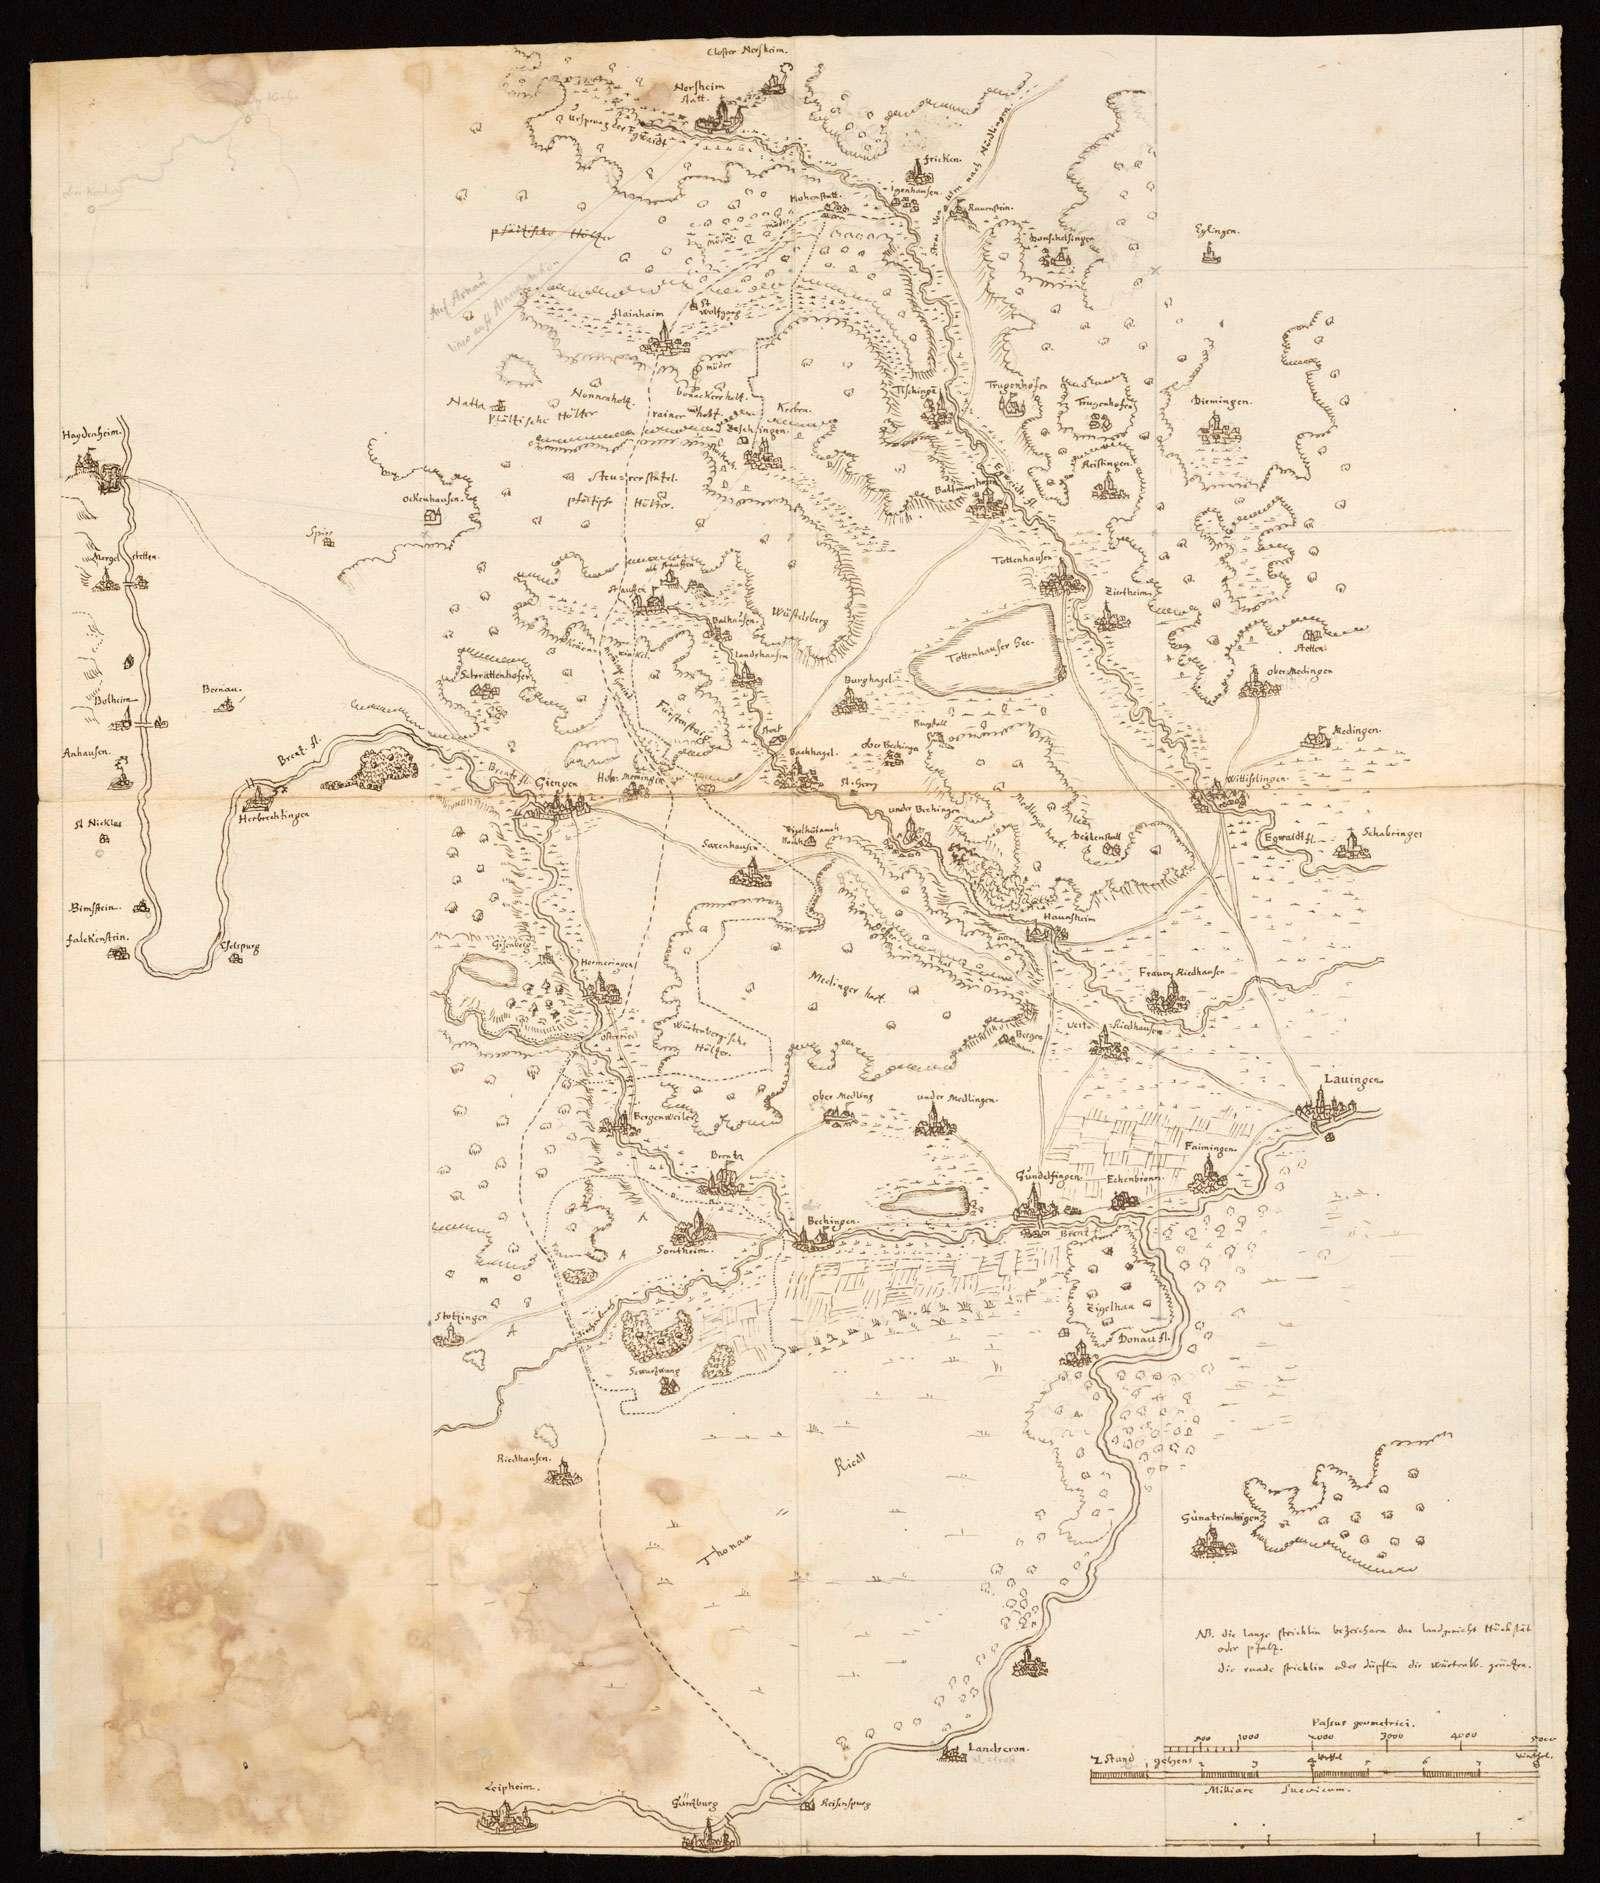 [Karte des südlichen Härtsfelds und des Donaurieds], Bild 1